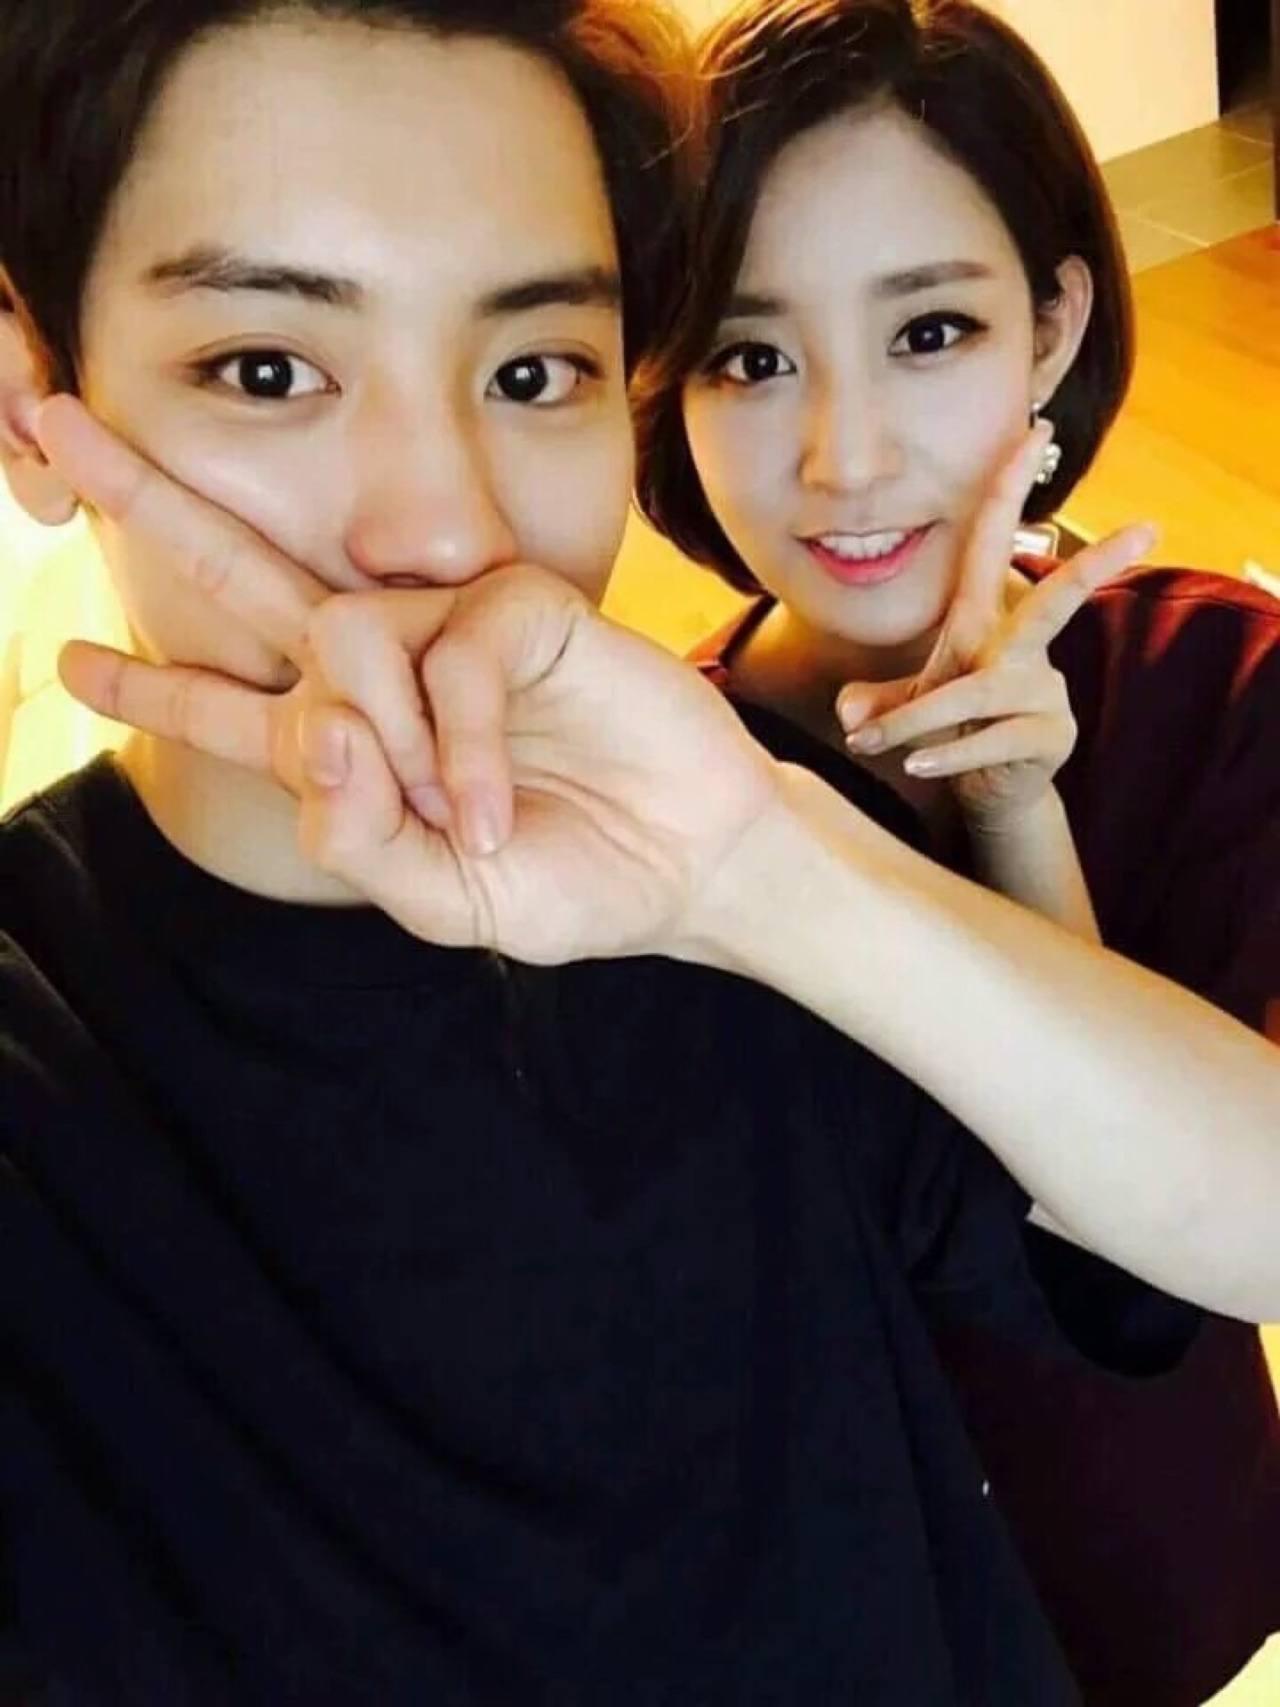 從EXO出道大家都知道燦烈有一位姊姊宥拉,後來還被說是「姊控」,對姊姊超級好的他,曾在節目上被爆料「燦烈為了保護當主播的姊姊,只要有空的話都會去接姊姊上下班」,姊弟倆的感情真的很好啊!